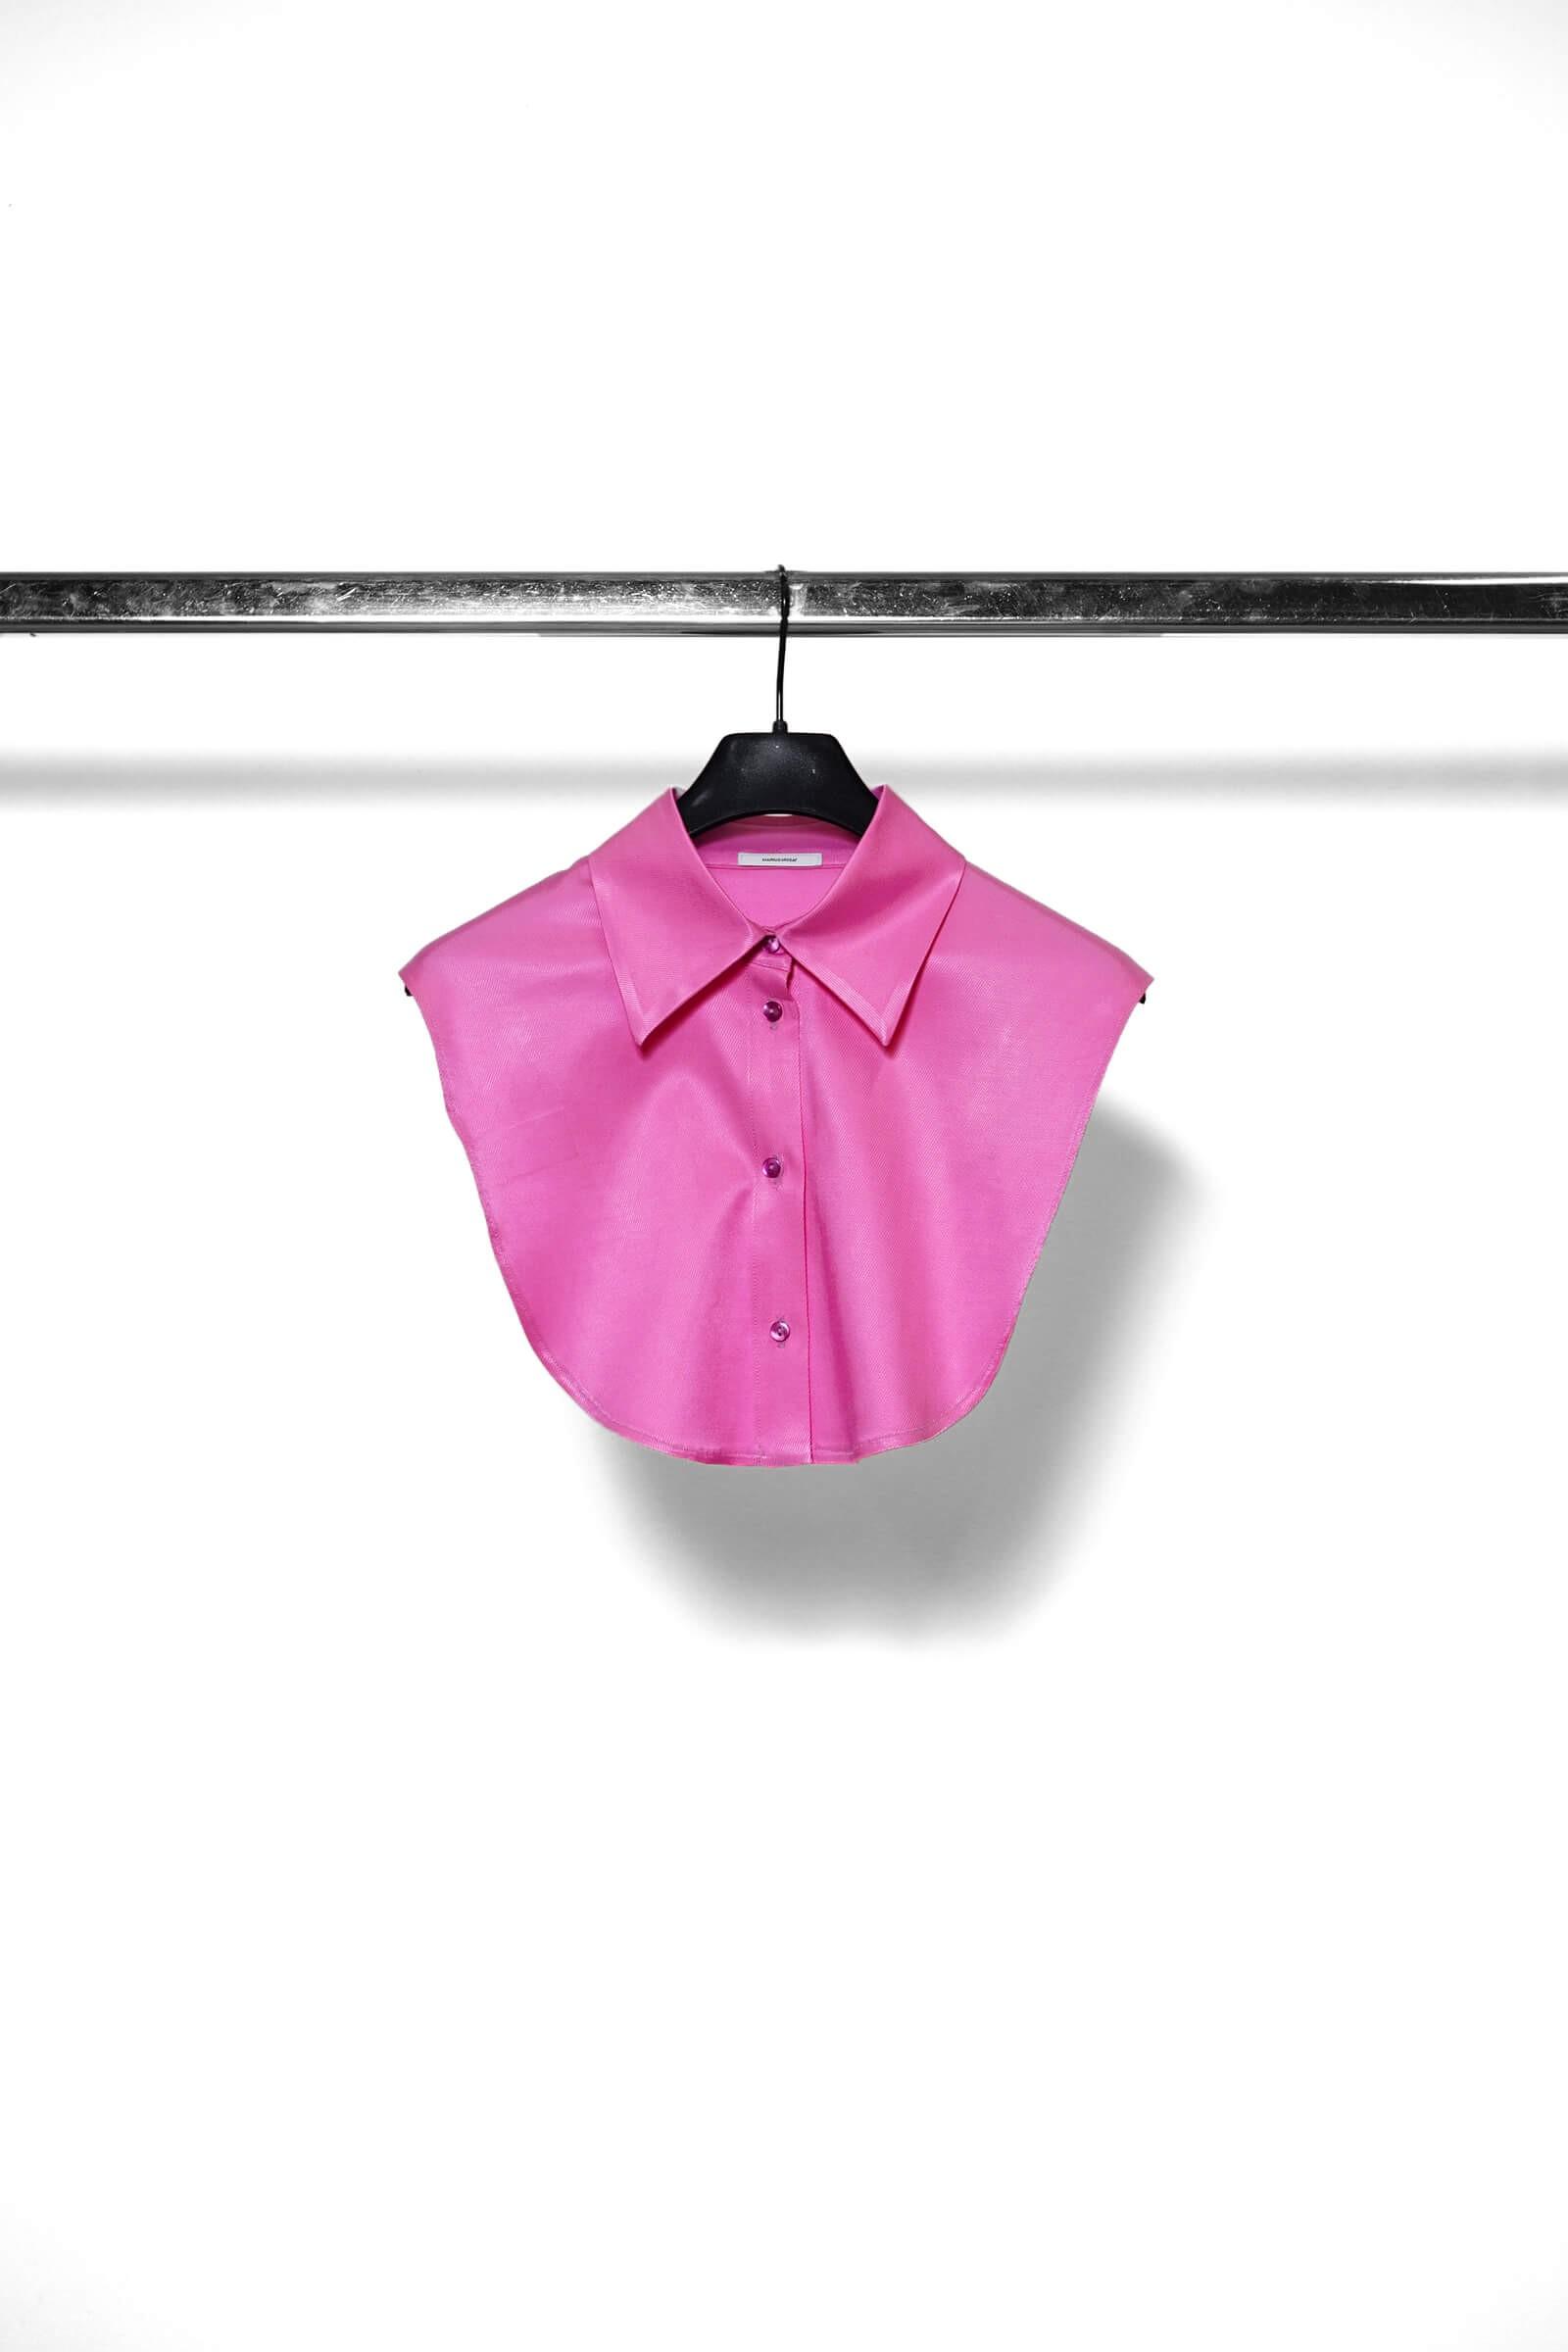 Pink shirt collar